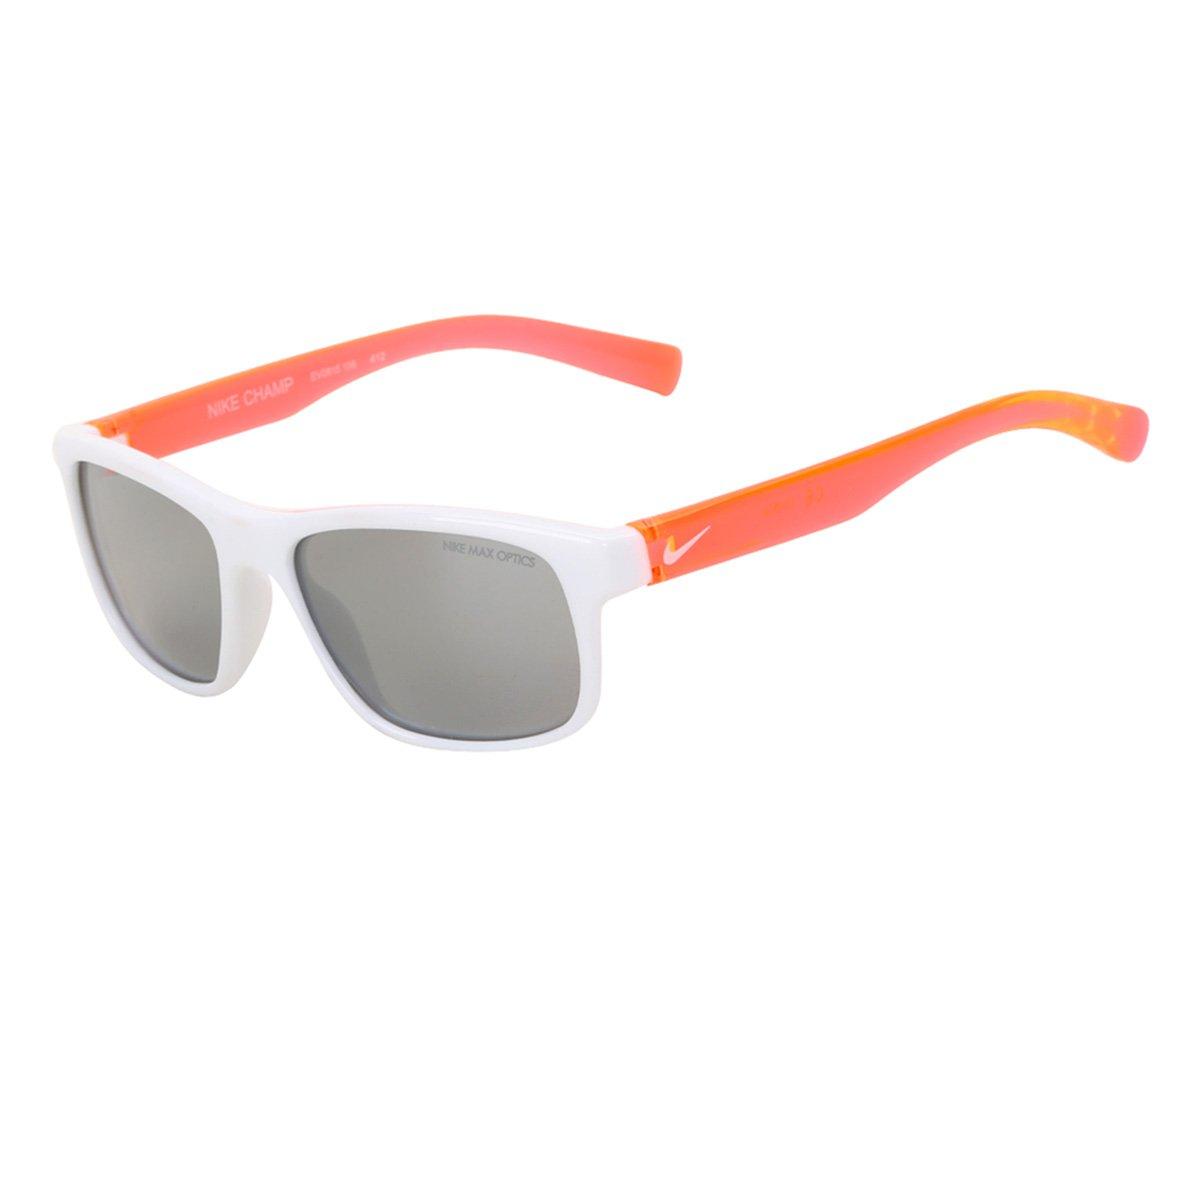 Óculos de Sol Juvenil Nike Champ EV0815 106